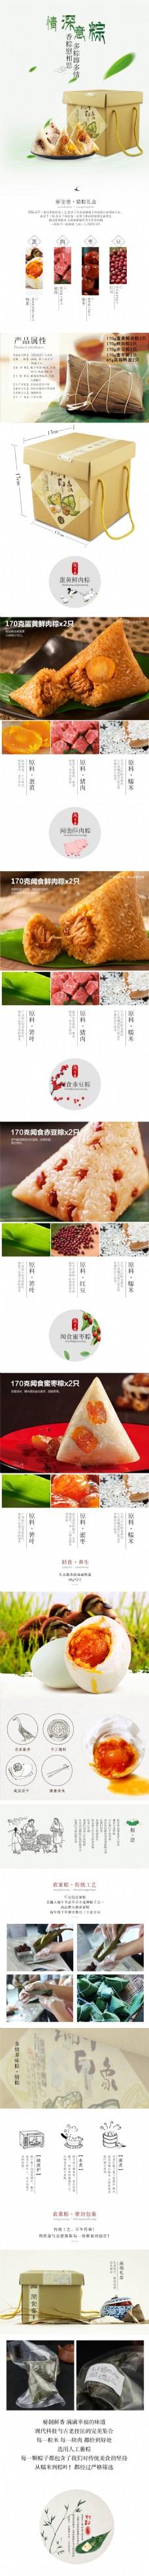 天猫淘宝端午粽子详情页